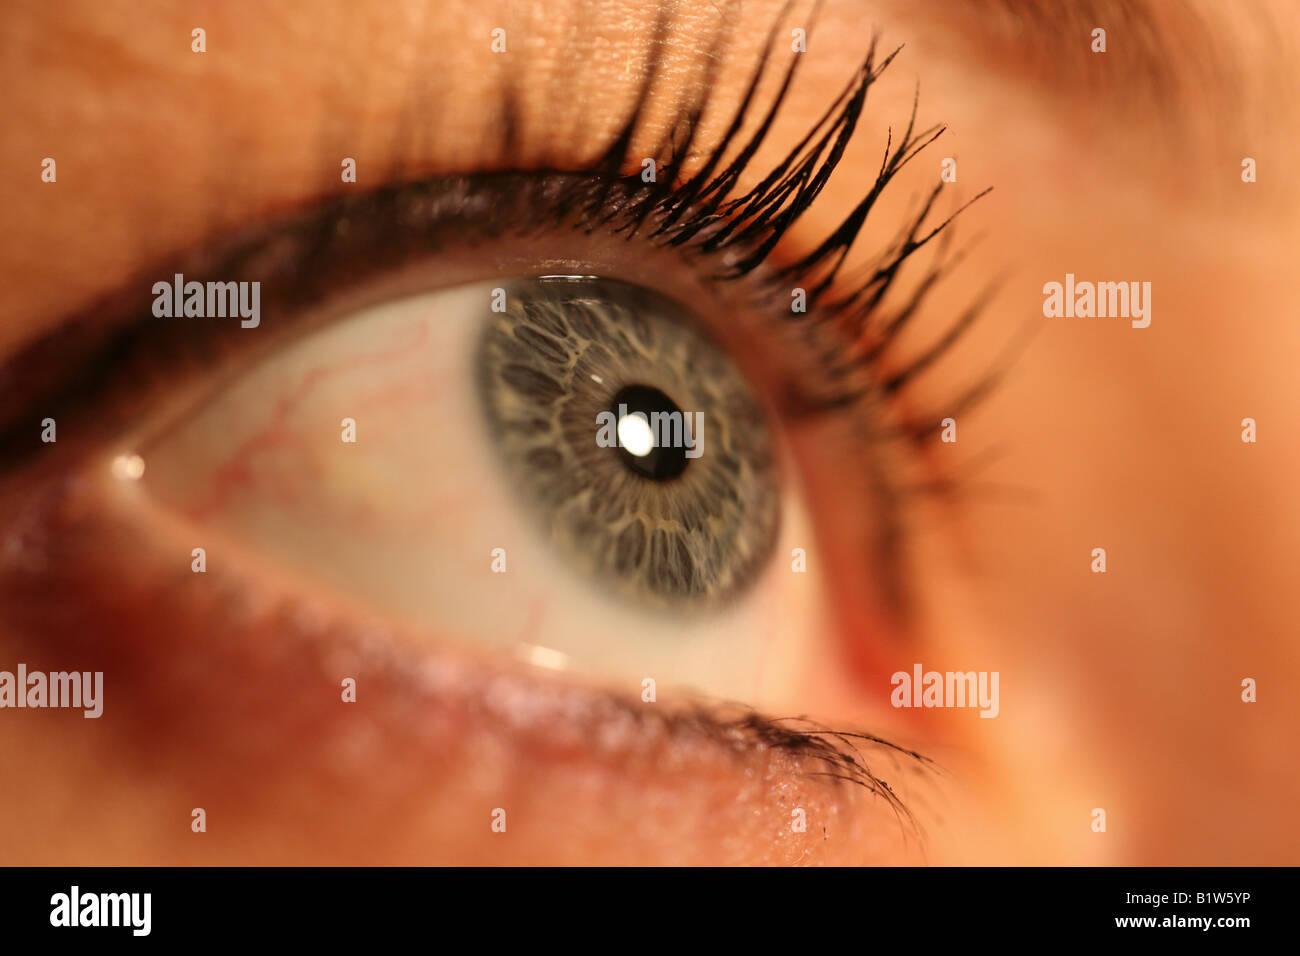 Hervorragende Auge Makro Farbe Der Augen Blau Grun Grau Stockfoto